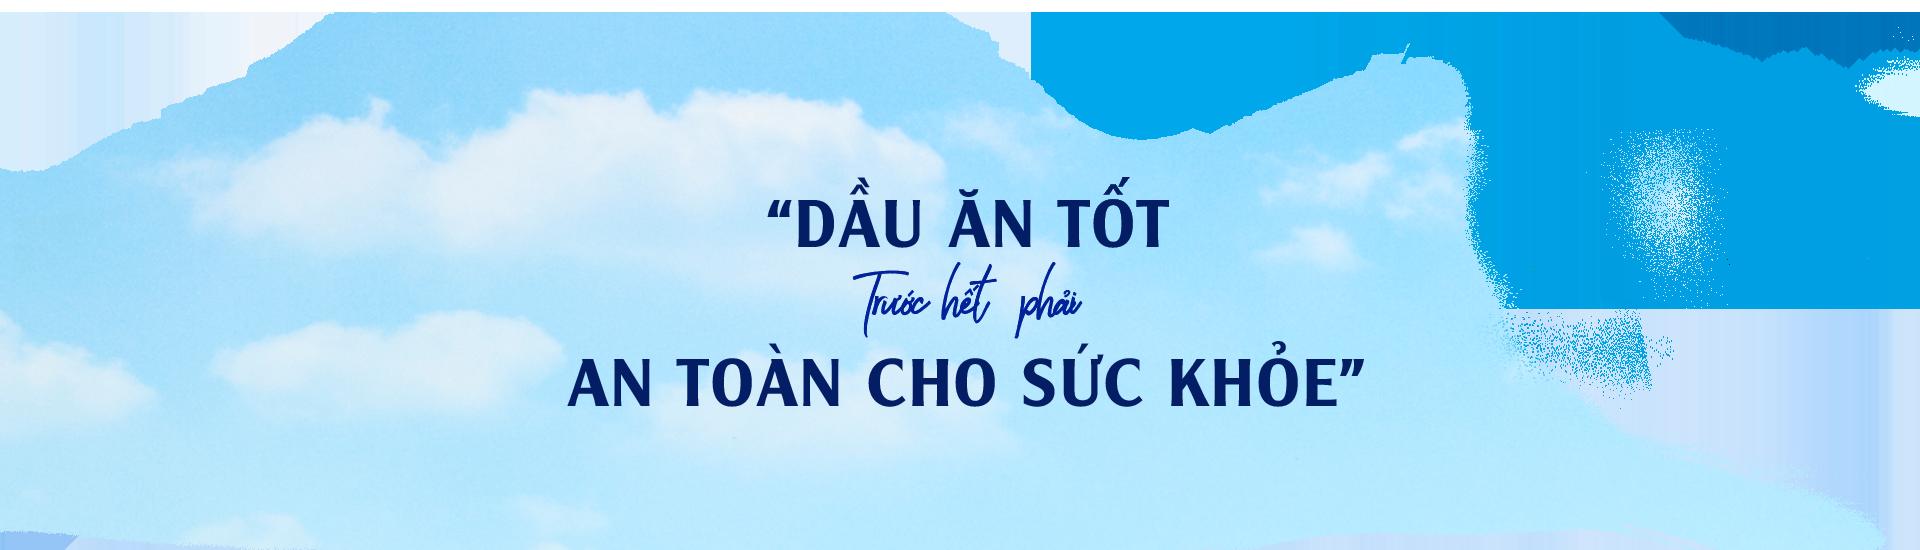 Hành trình tự hào của thương hiệu Dầu đậu nành đầu tiên tại Việt Nam - 13